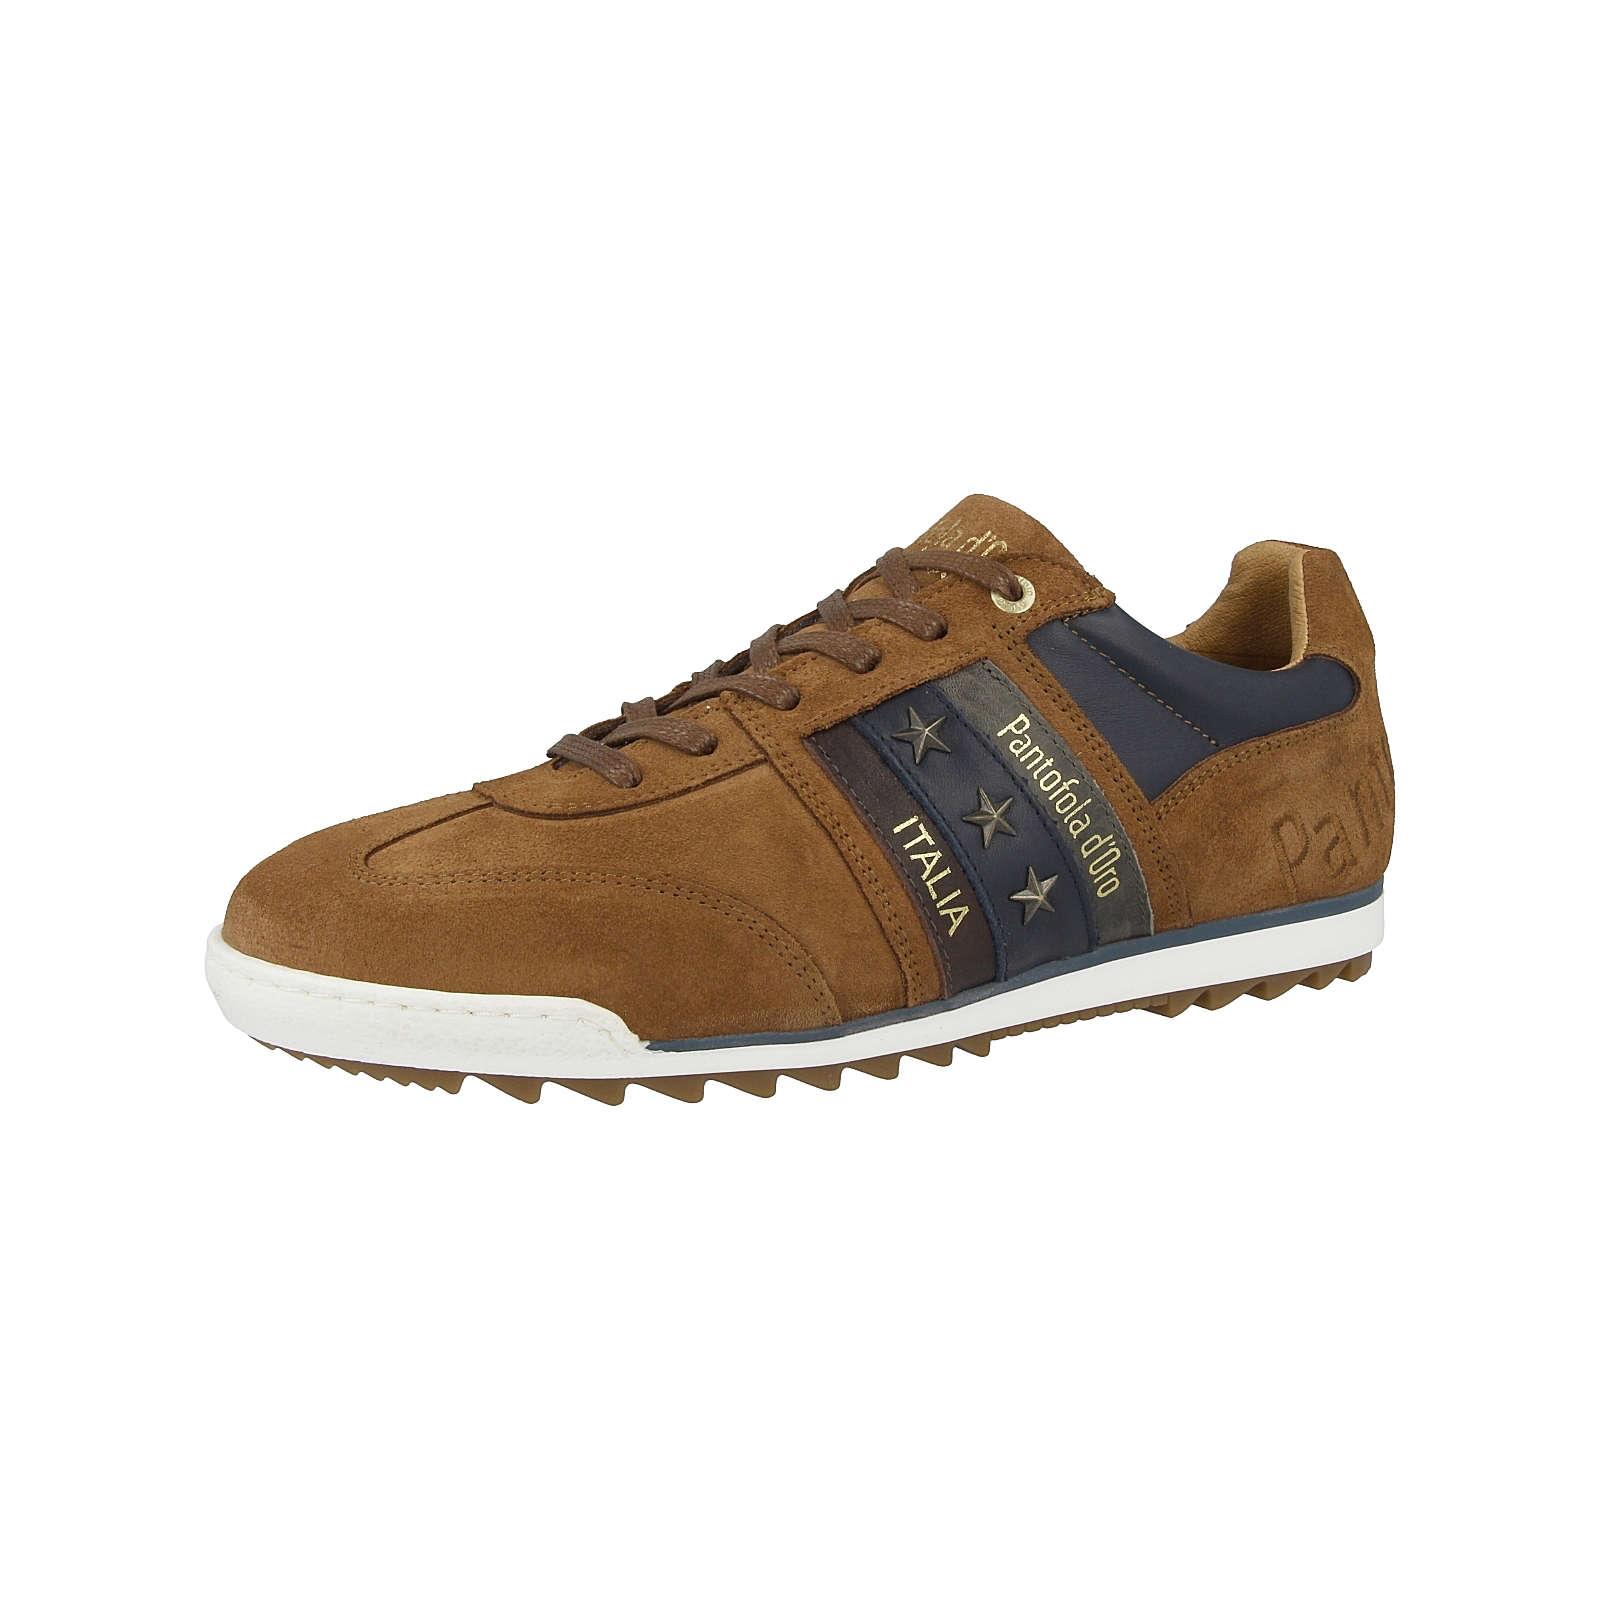 Pantofola d´Oro Imola Grip Uomo Low Sneakers Low braun Herren Gr. 42